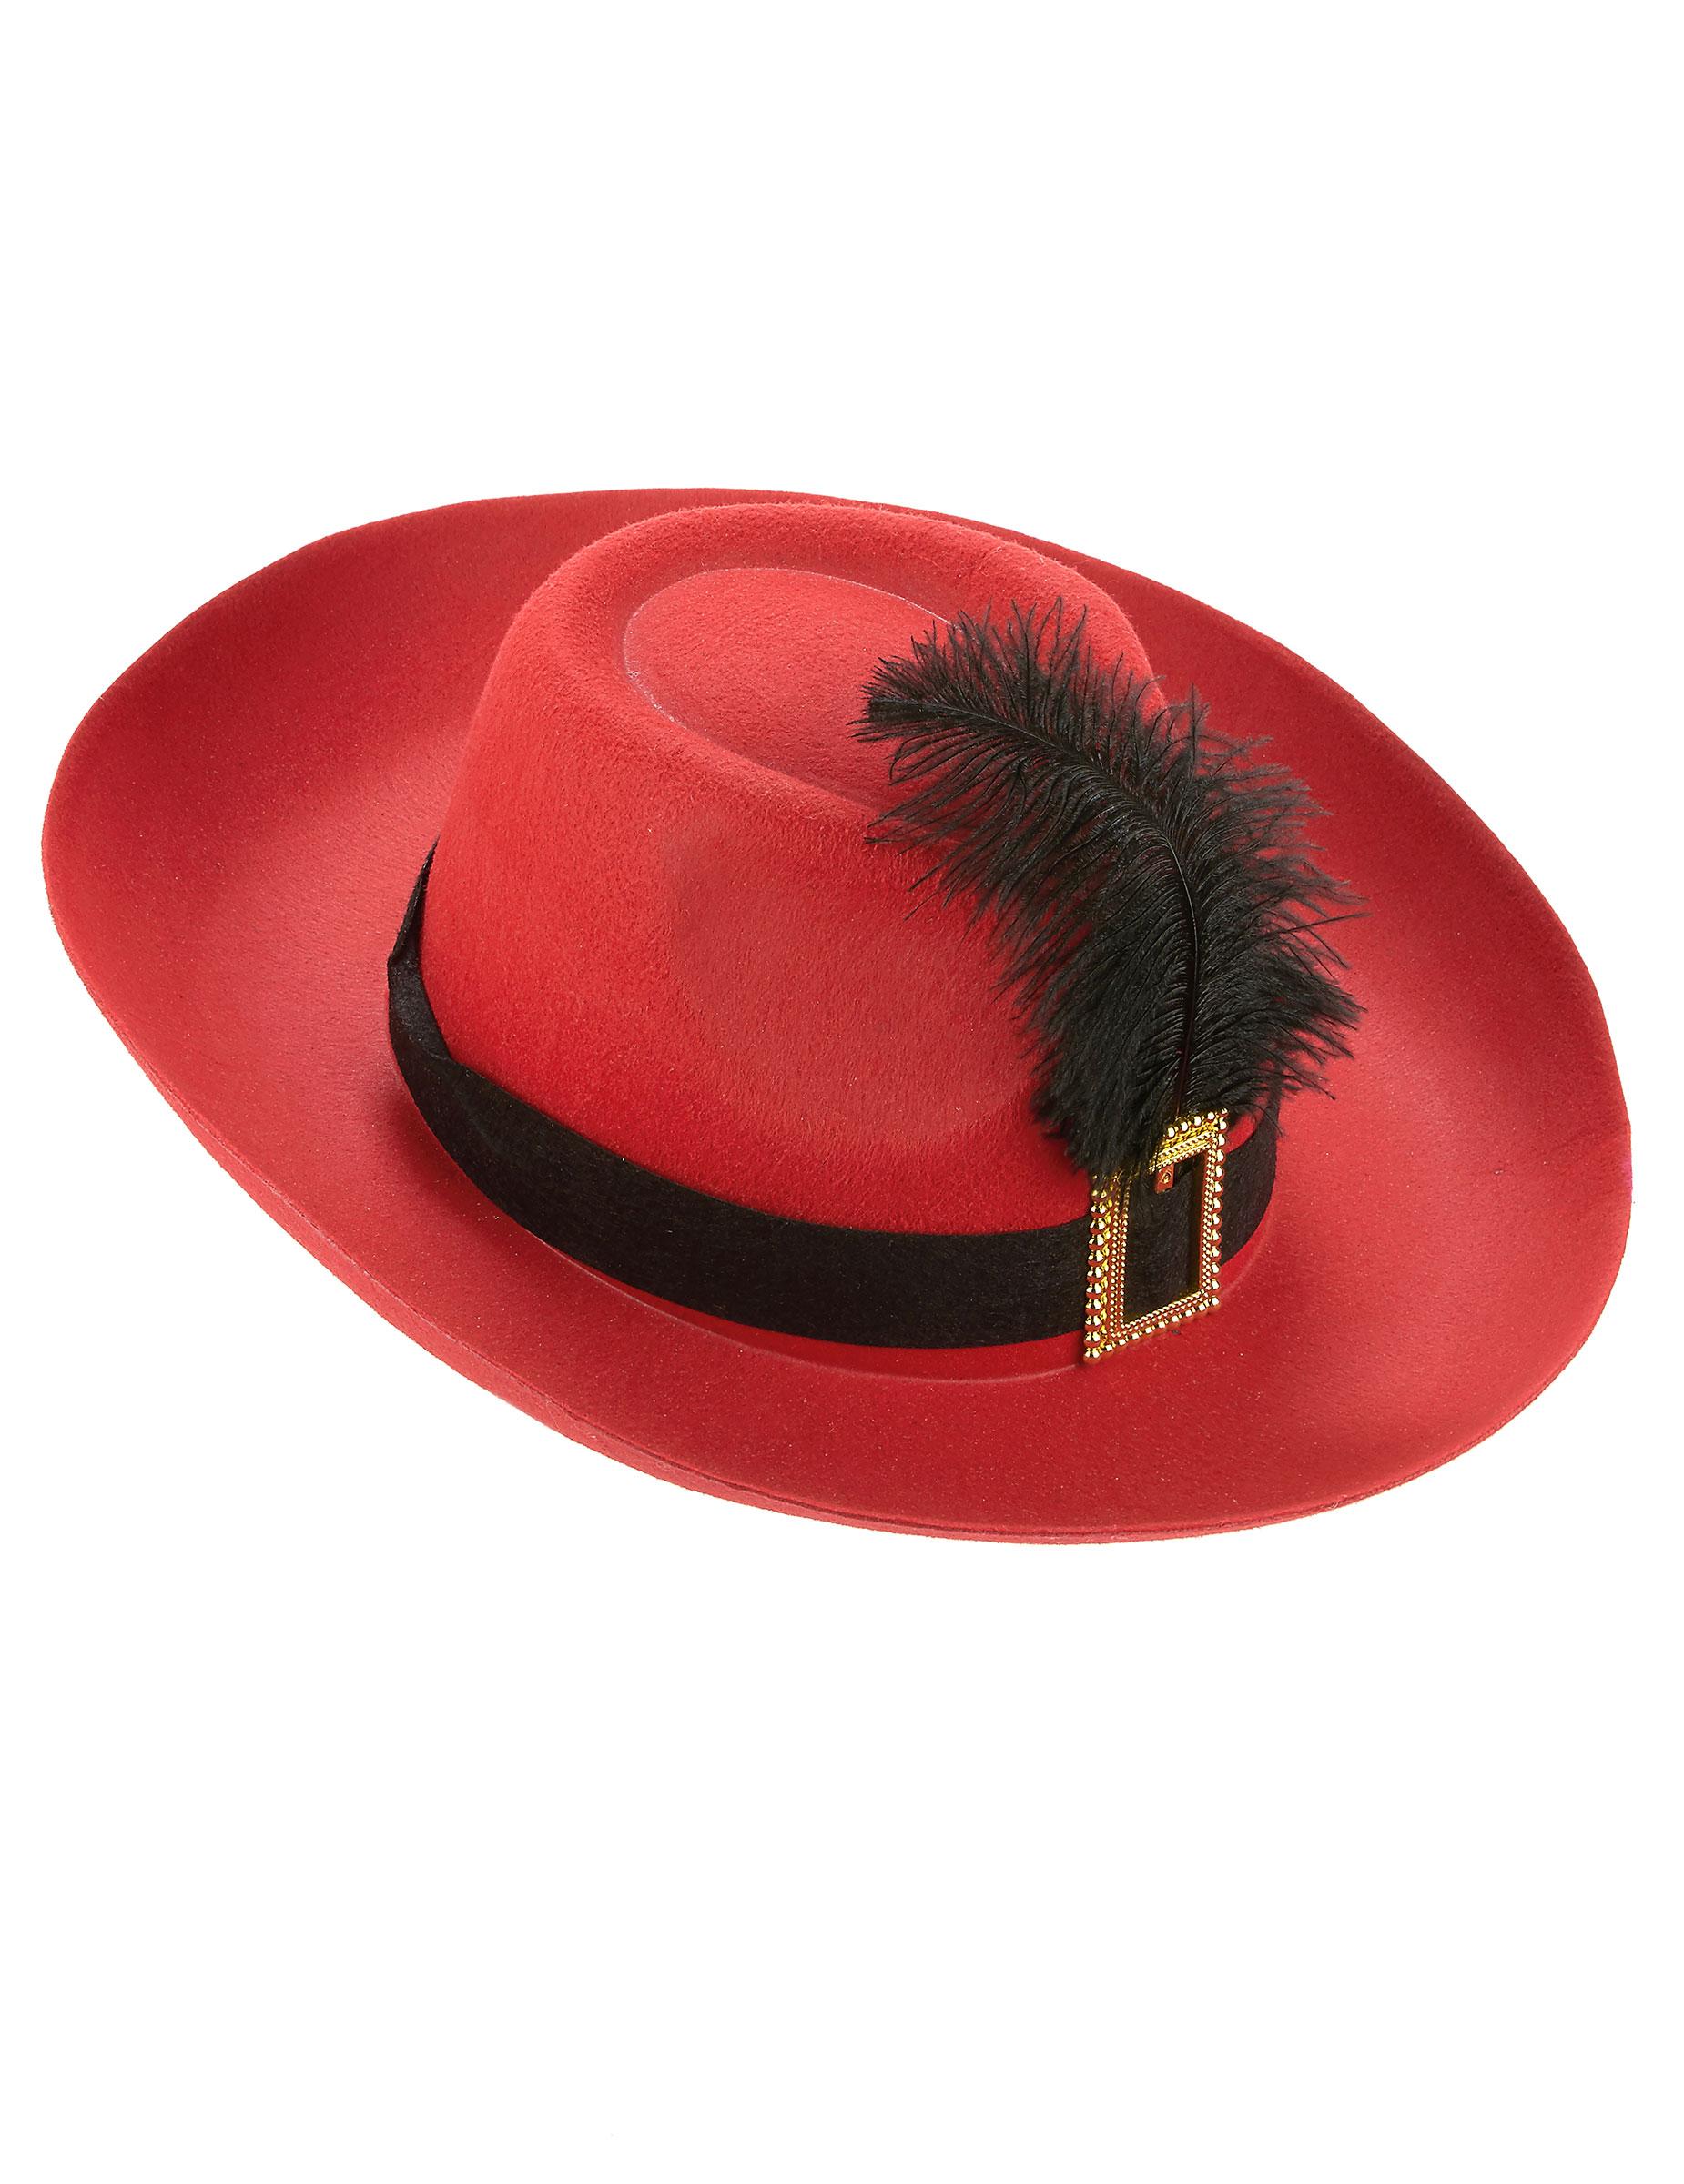 bf505645ad1 Chapeau mousquetaire rouge bande et plume noires adulte   Deguise ...